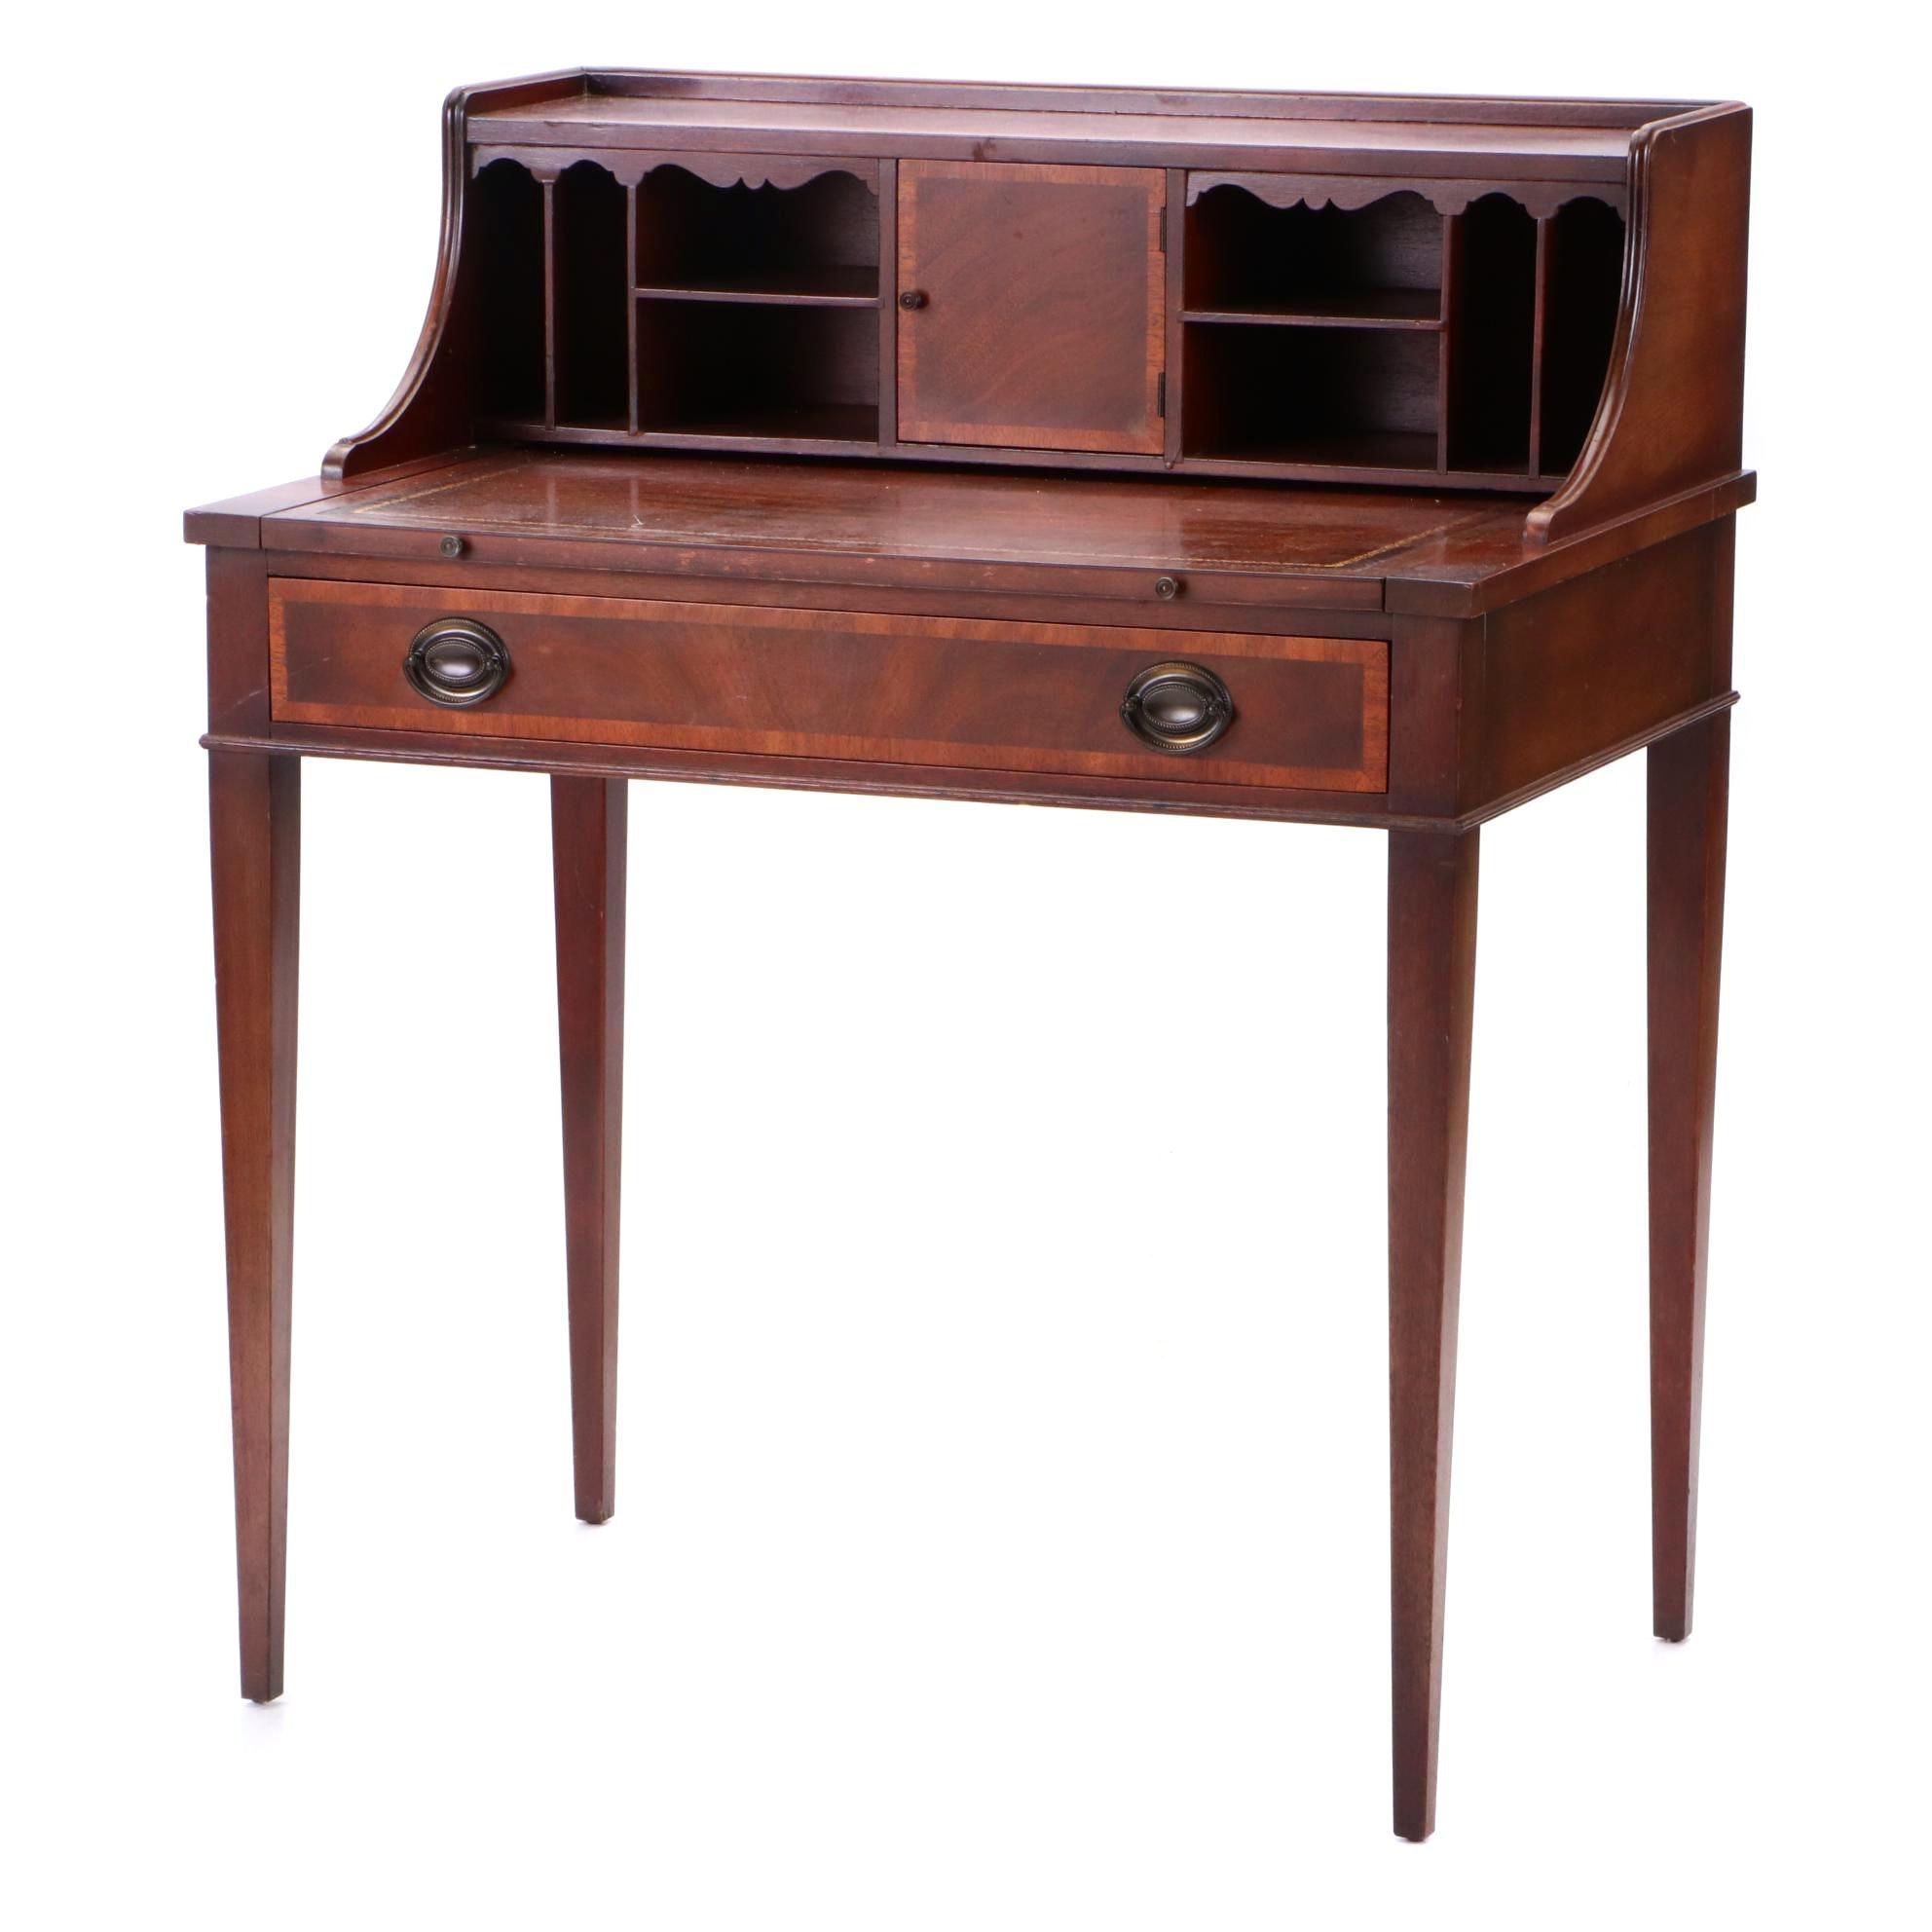 Vintage Sheraton Style Mahogany Finish Writing Desk